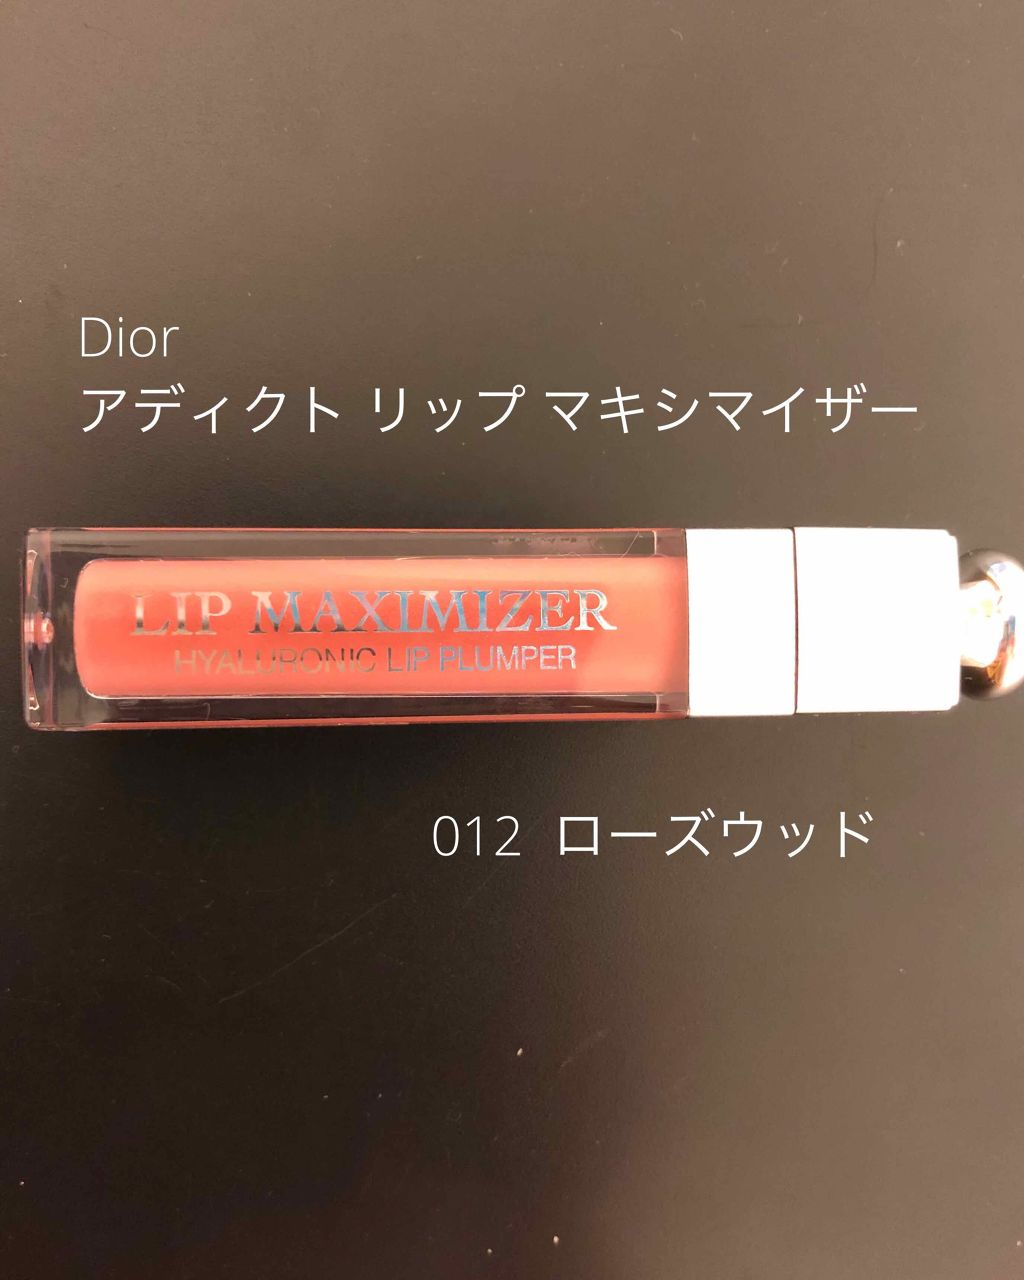 size 40 0fe25 0a8f3 リップ (012 ローズウッド【限定色】) Dior 6mL マキシマイザー ...